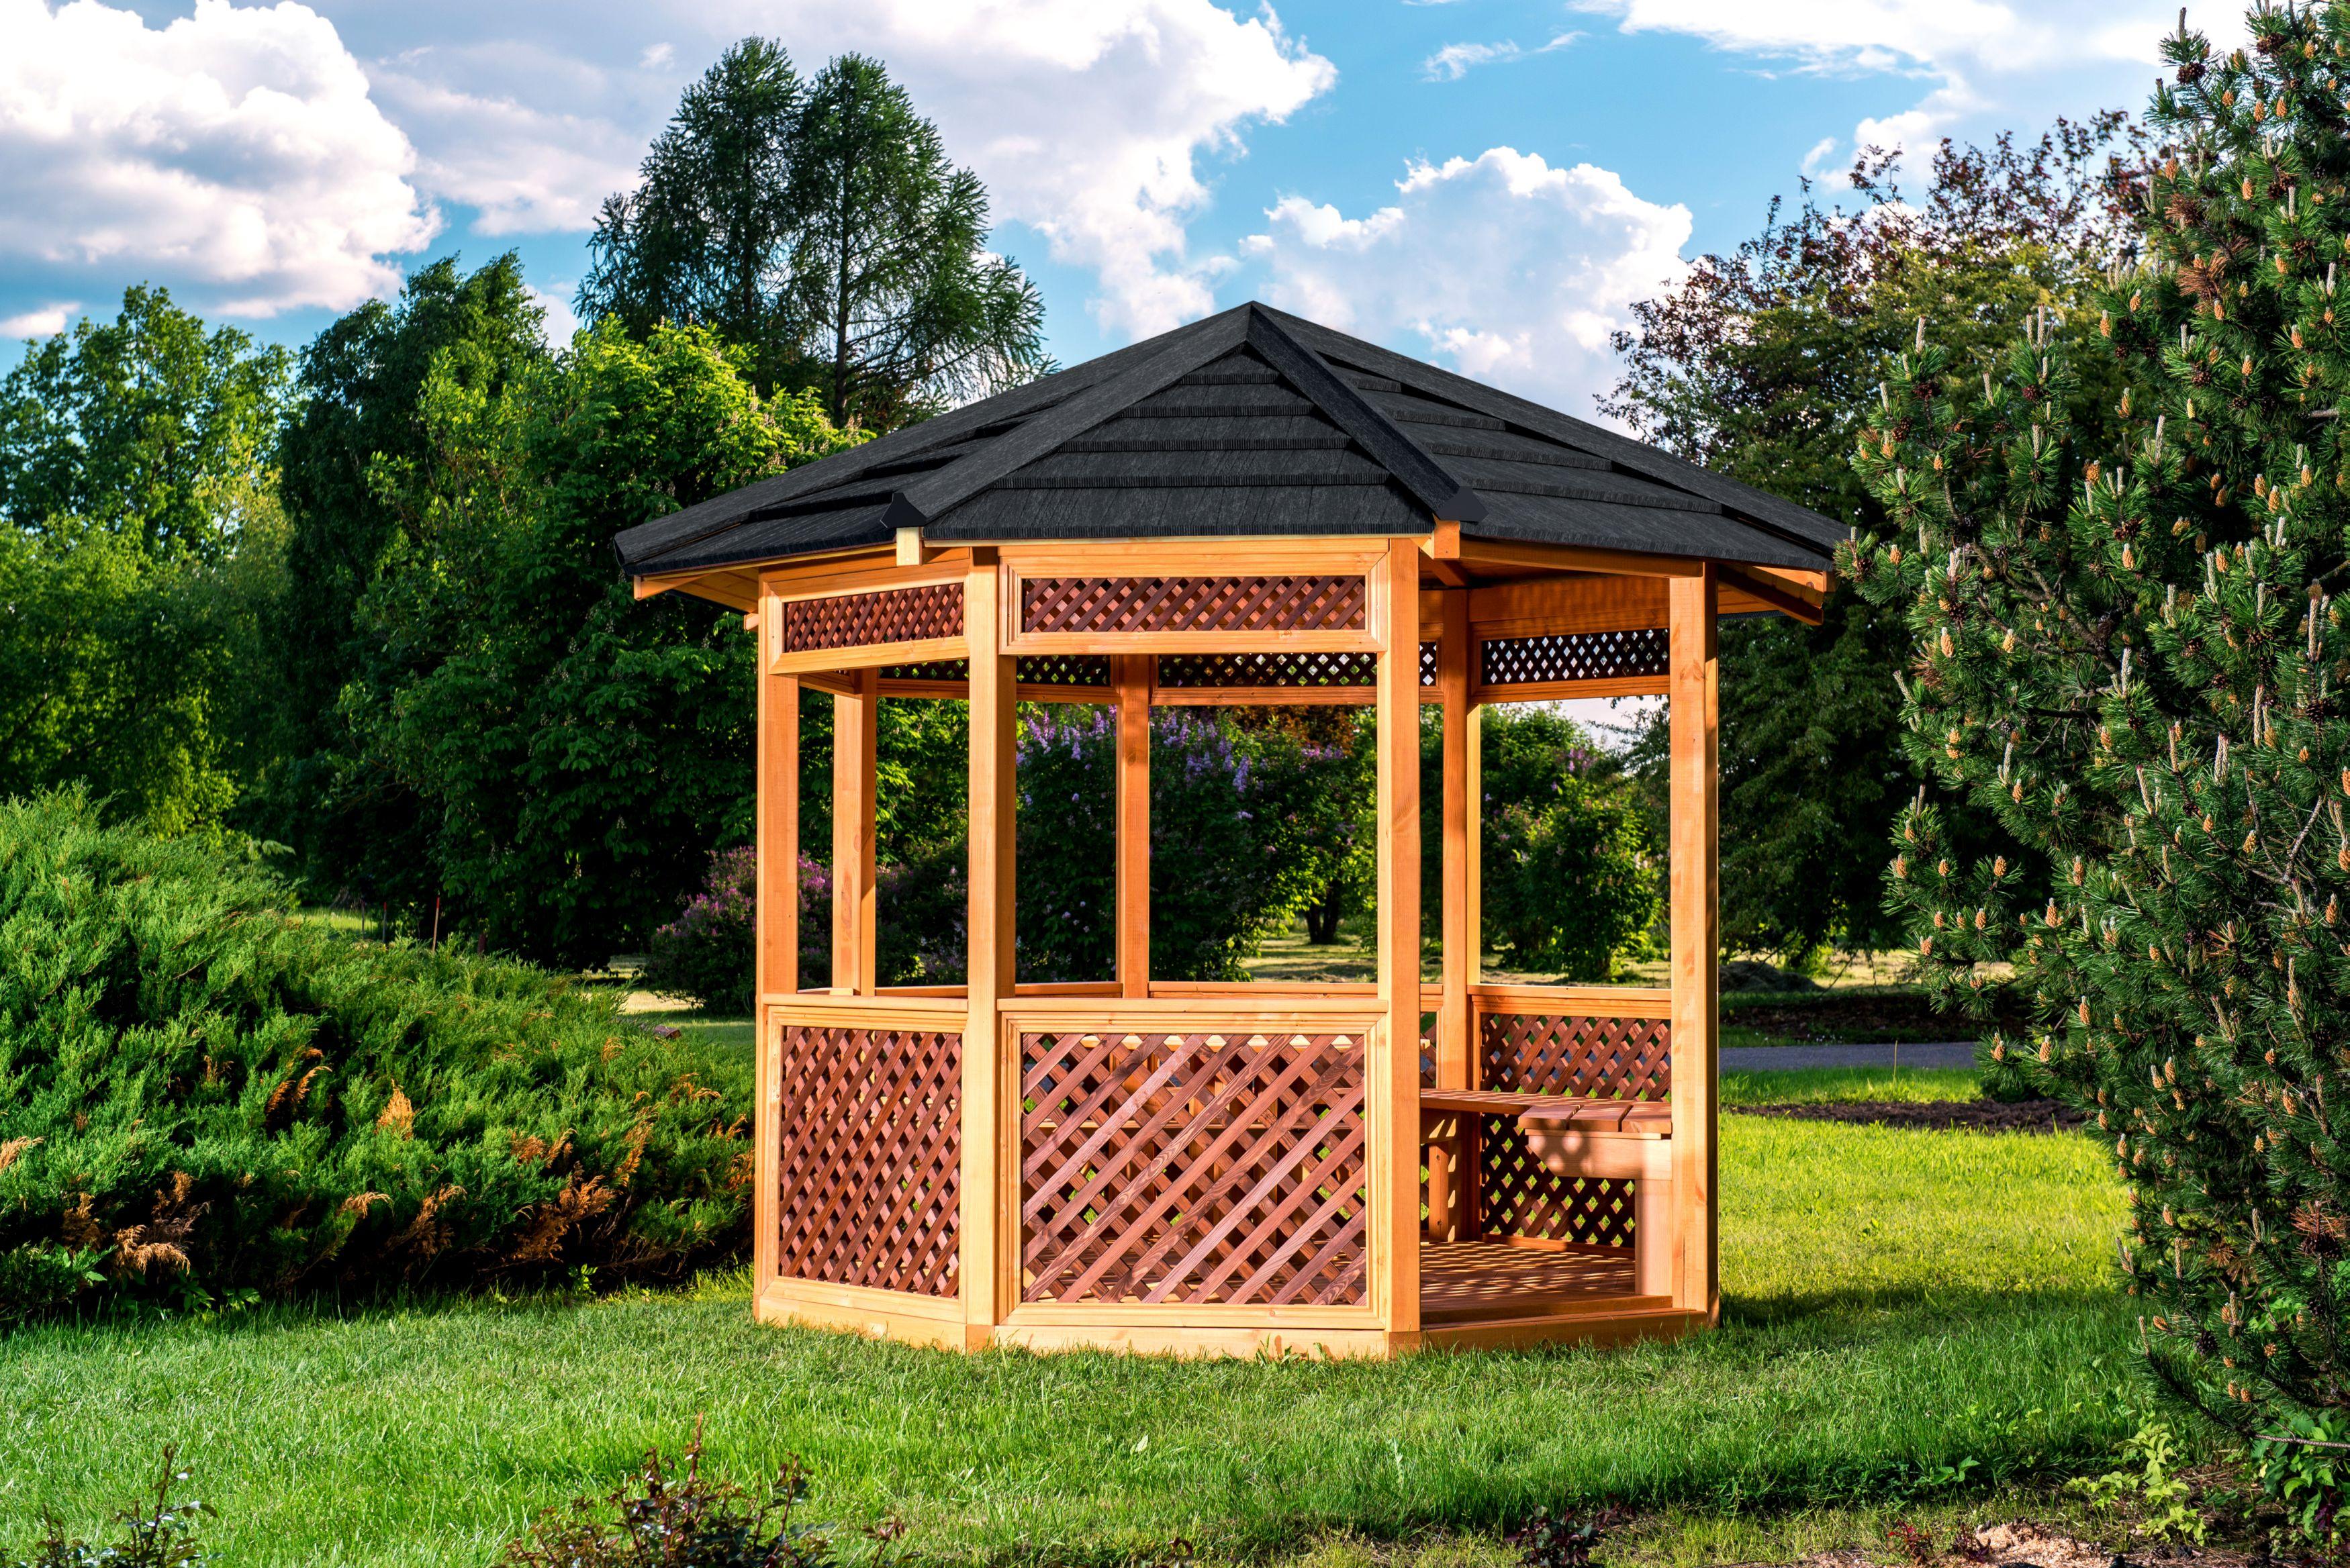 Садовые беседки с мангалом барбекю и печкой: летние кухни 6